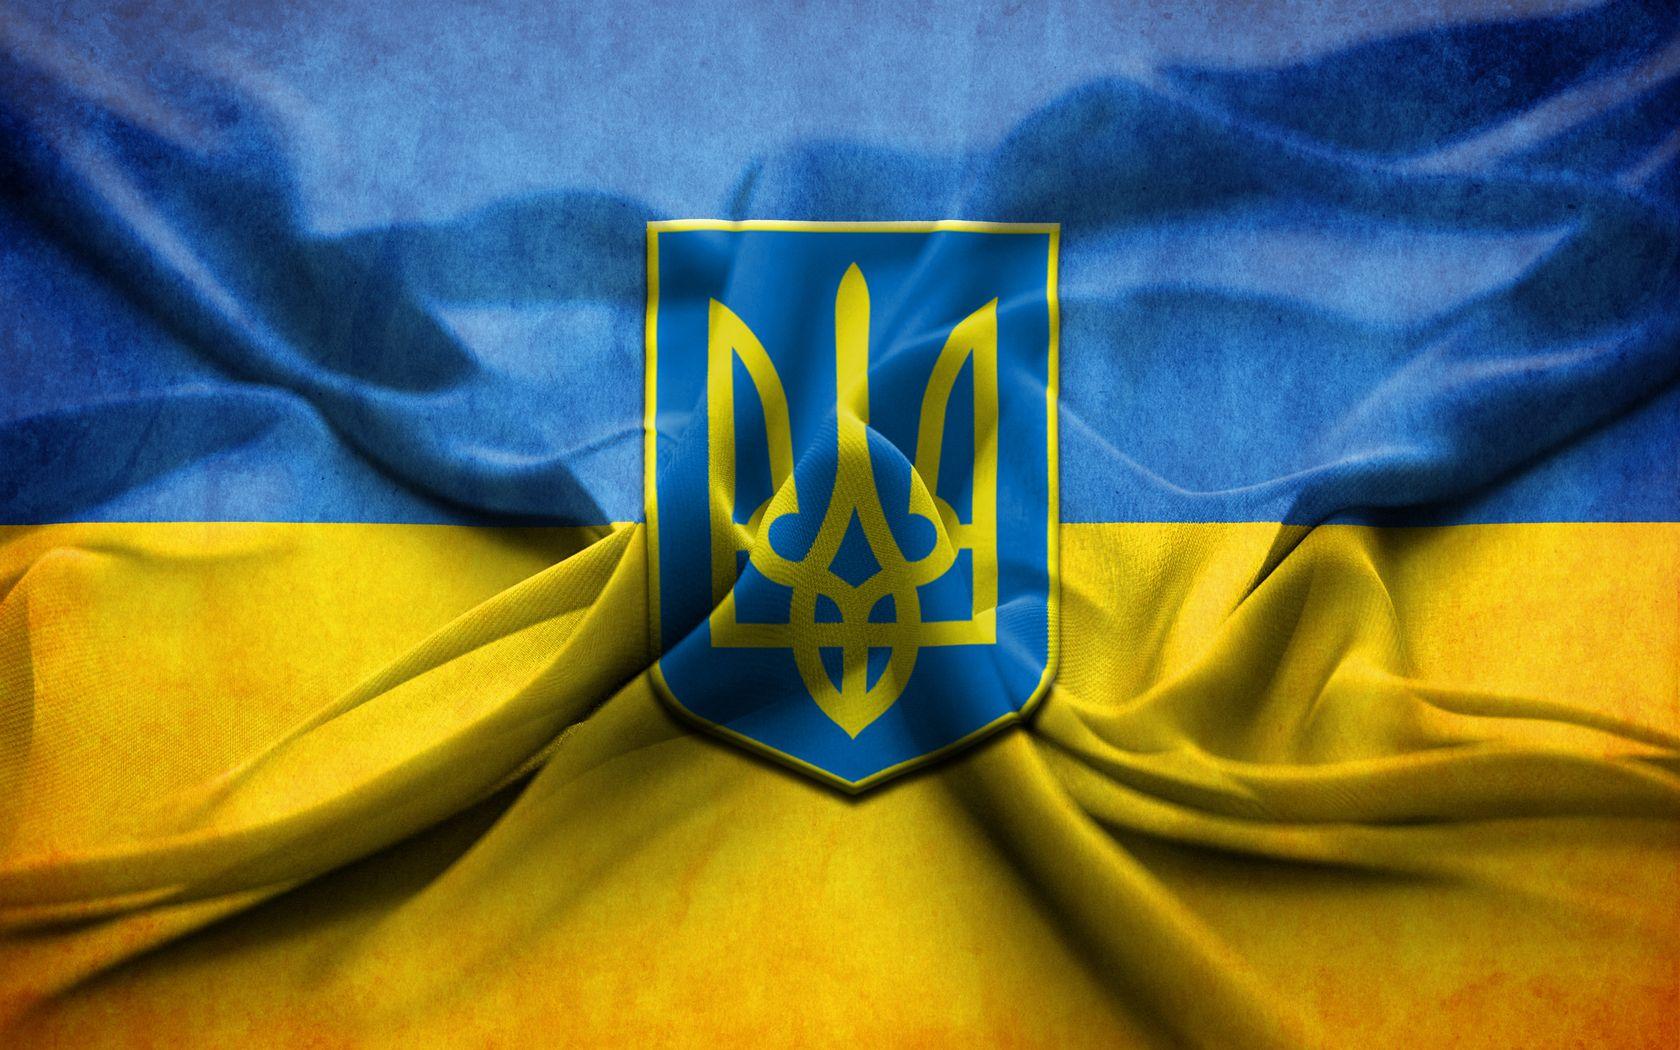 Украинцам закроют mail-ru и иные «вредные сайты» и соцсети.